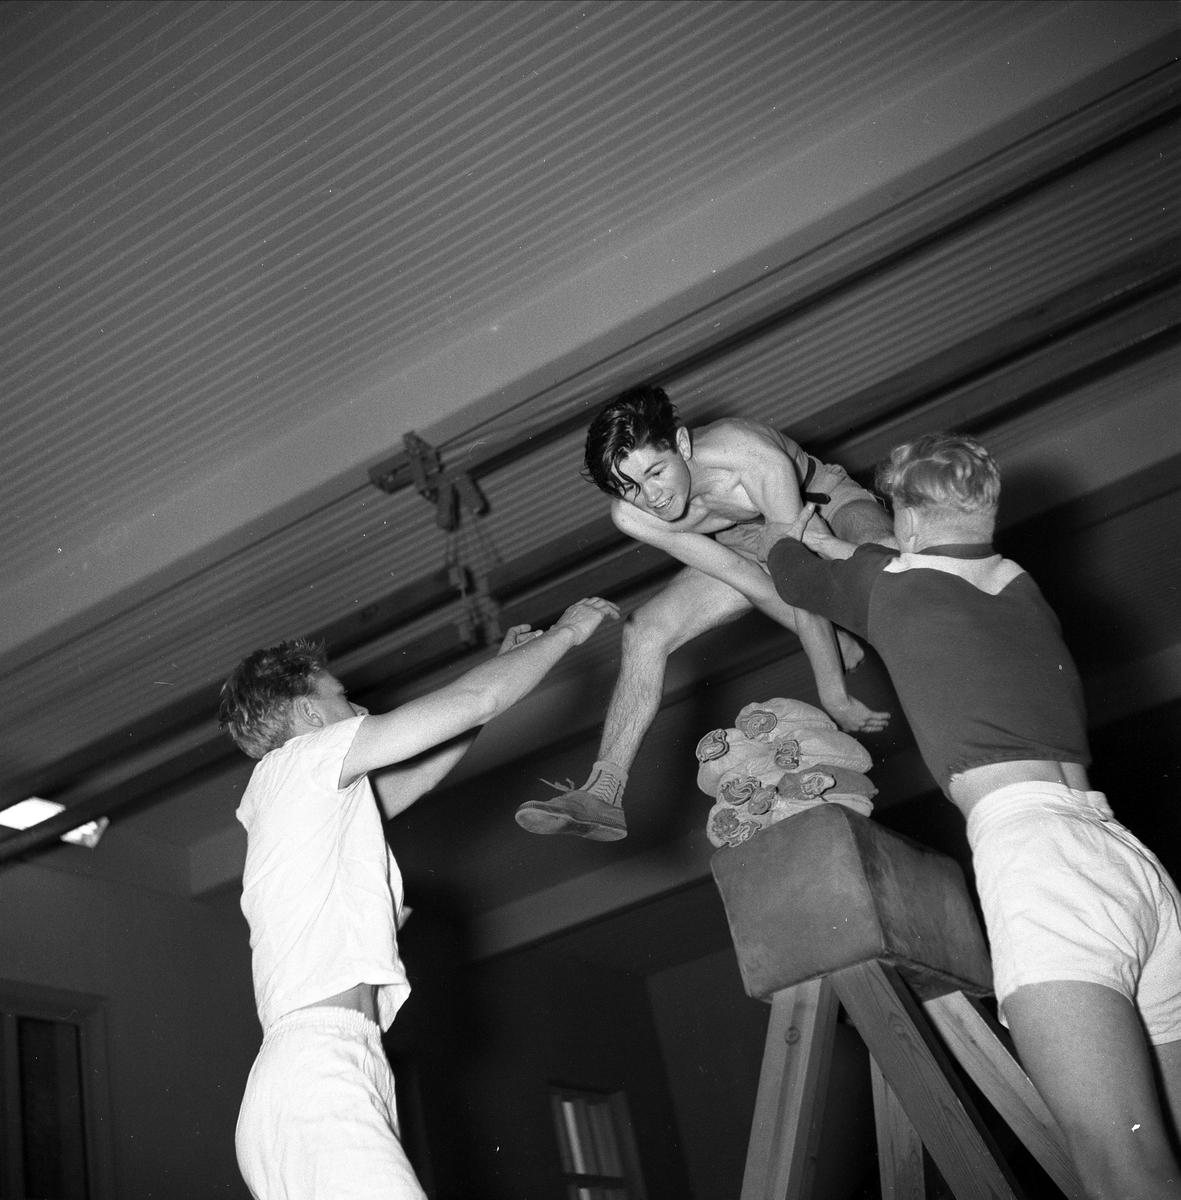 HAMAR KATEDRALSKOLE, GYMNASTIKK. GYMTIME, DAG RØNNINGEN HOPPER BUKK. 19. NOVEMBER 1959. SE BOKA PÅ ET HUNDNREDELS SEKUND, LØTEN OG OMEGN 1957-1964 I ORD OG BILDERAV HELGE REISTAD S. 90. .